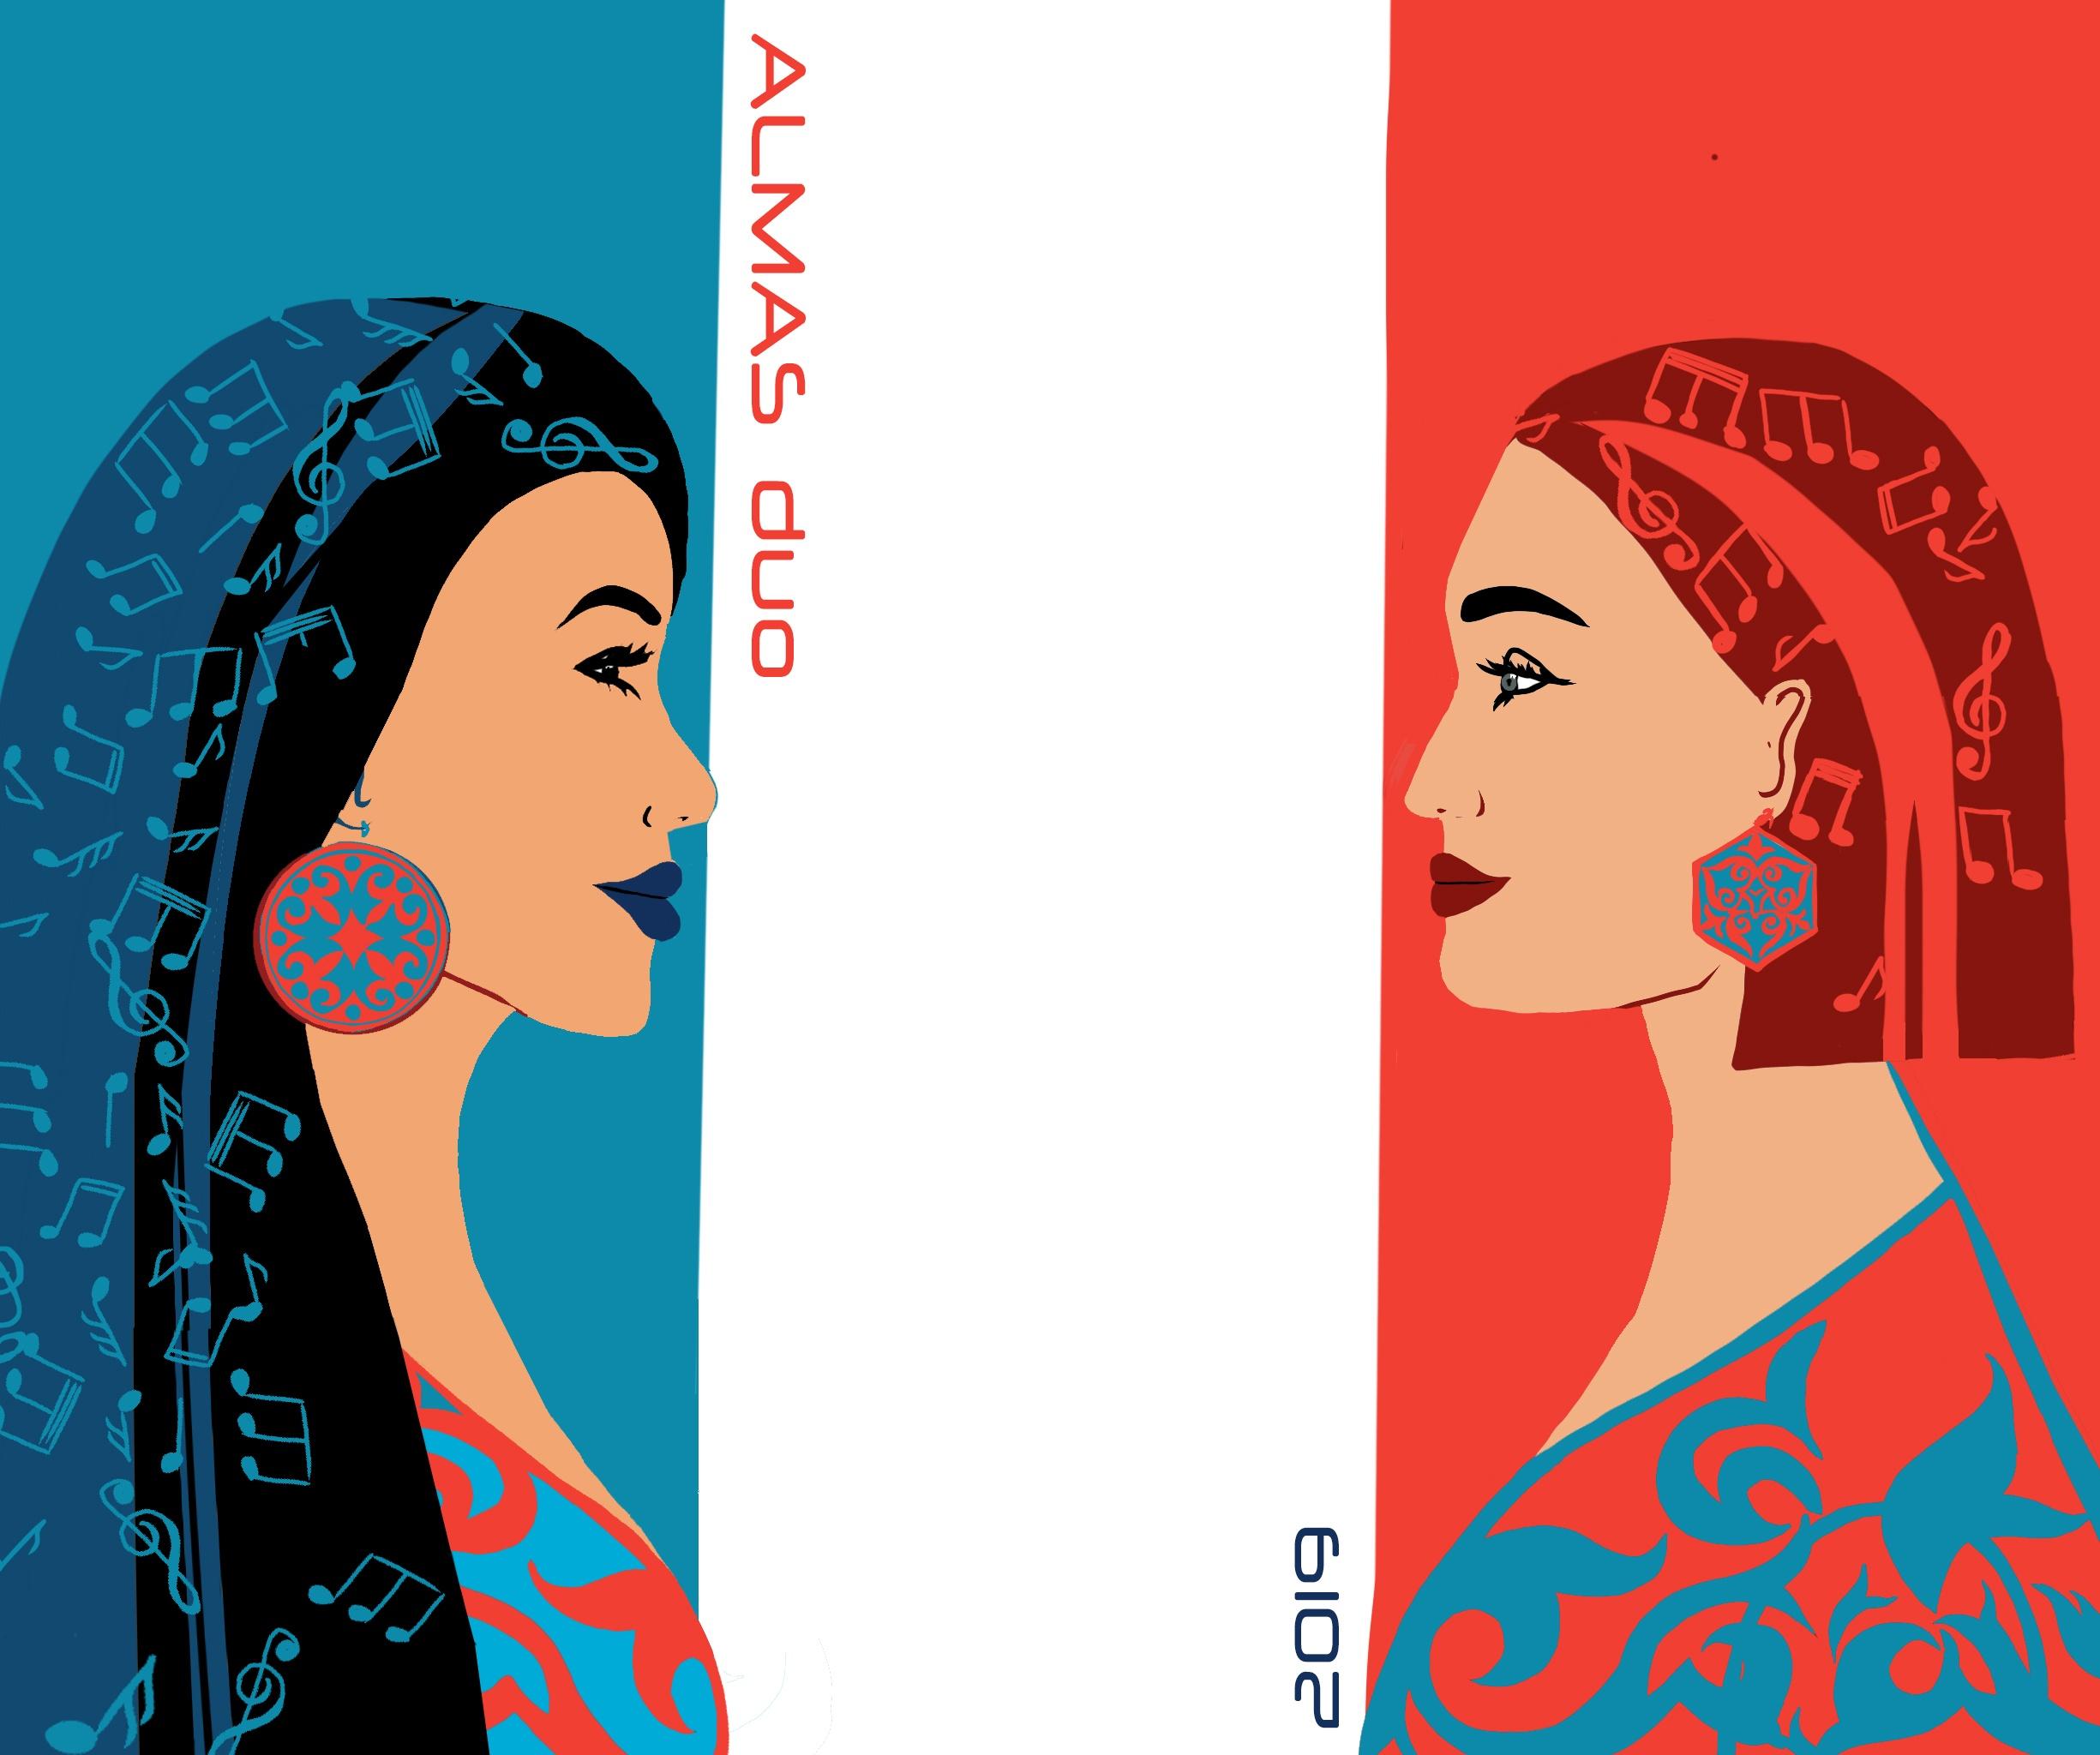 Almas Duo Kazakhstan Chanson Francophonie Musique Culture